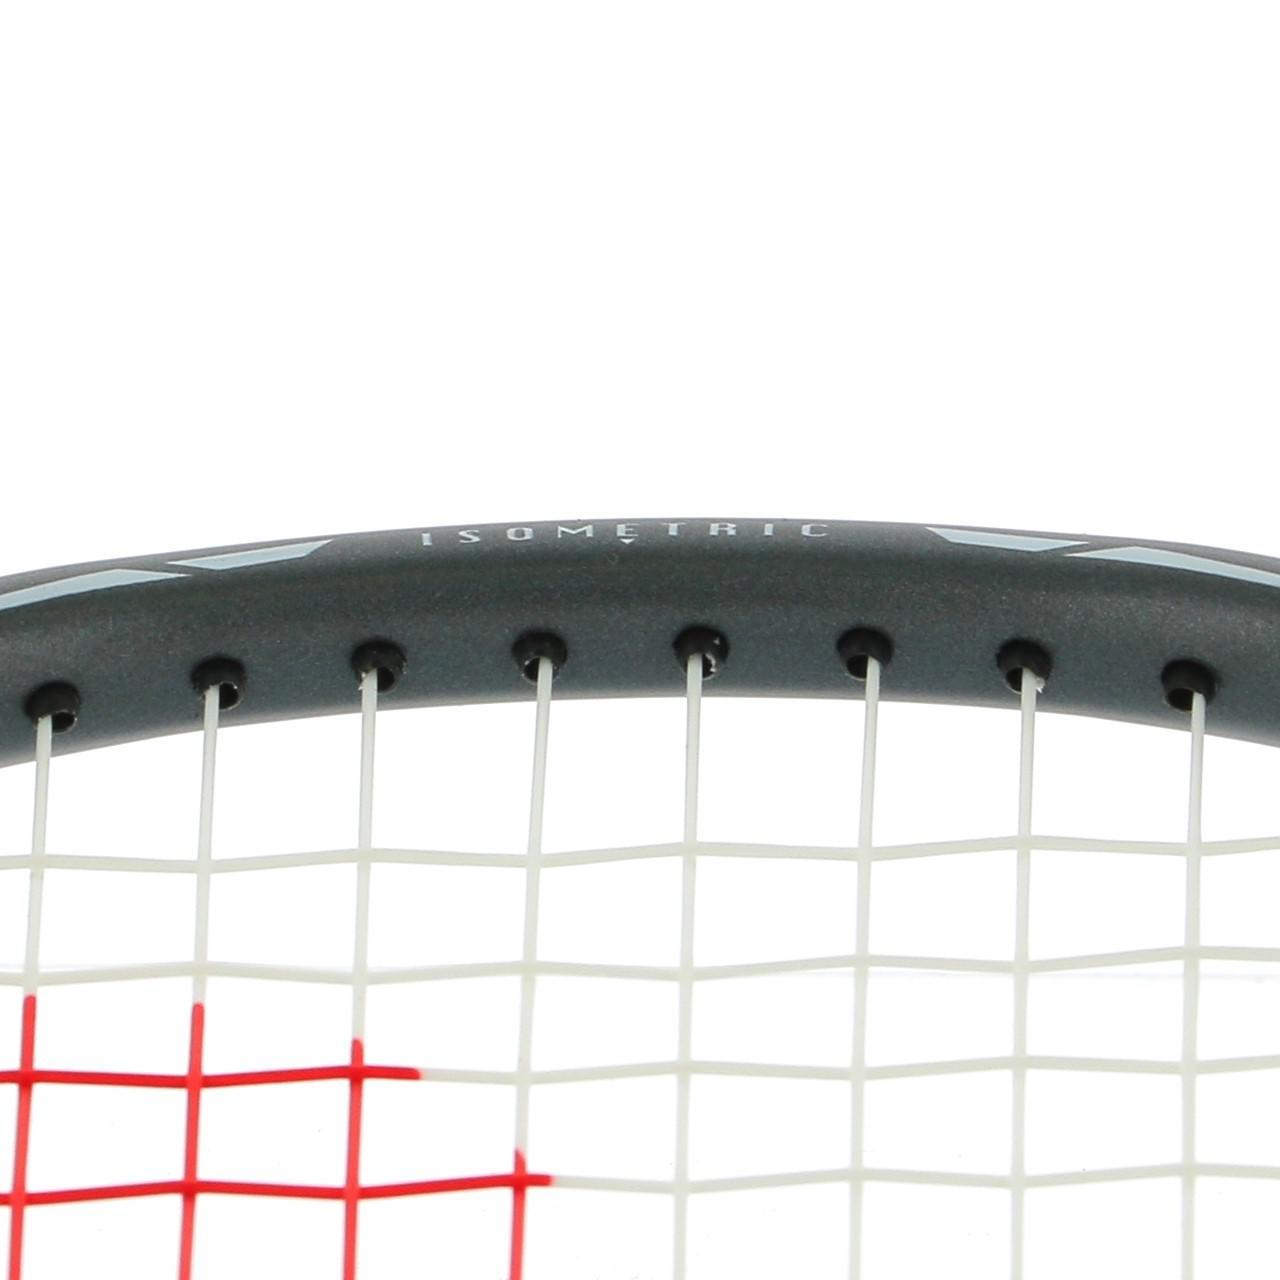 Badminton-Racket-Yonex-Voltric-7dg-Blc-Jne-3u4-White-18790-New thumbnail 4